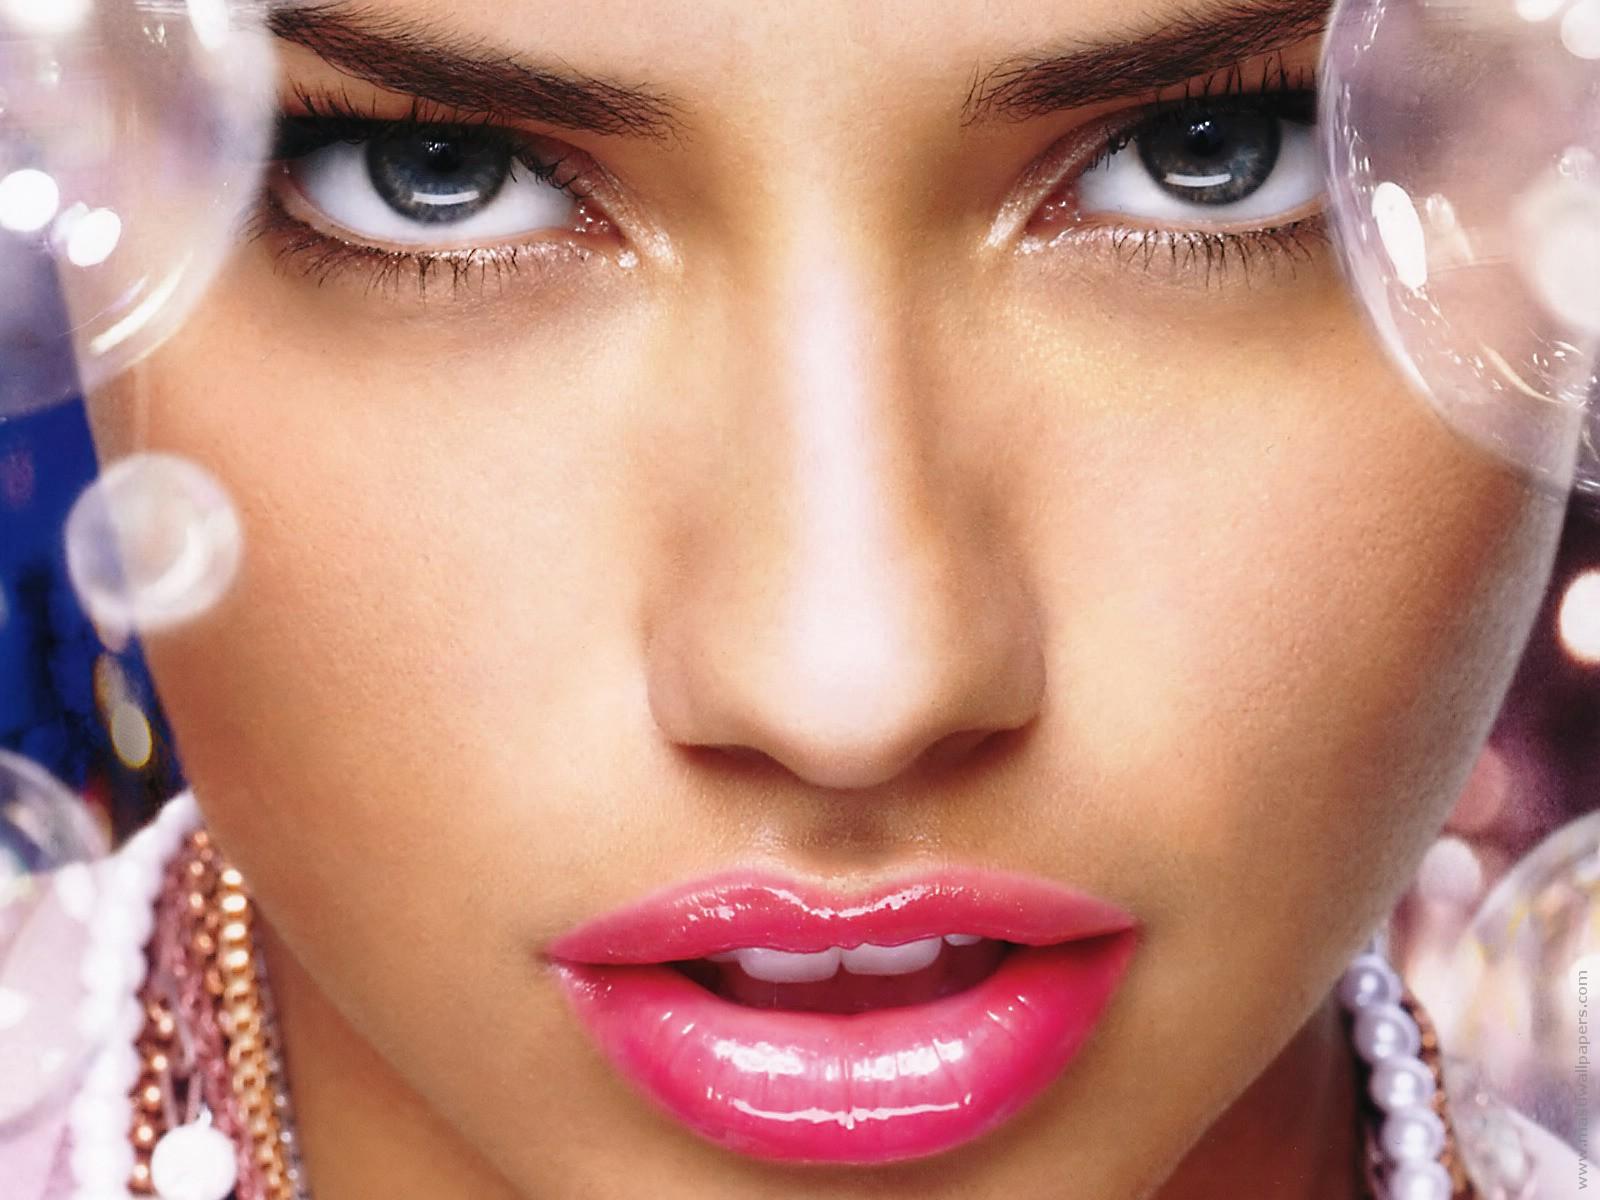 http://2.bp.blogspot.com/-Hzs4LdVDMNo/T0z7l9yDPQI/AAAAAAAAM3U/DyIcaO-19U4/s1600/Adriana+Lima+High+Quality.jpg